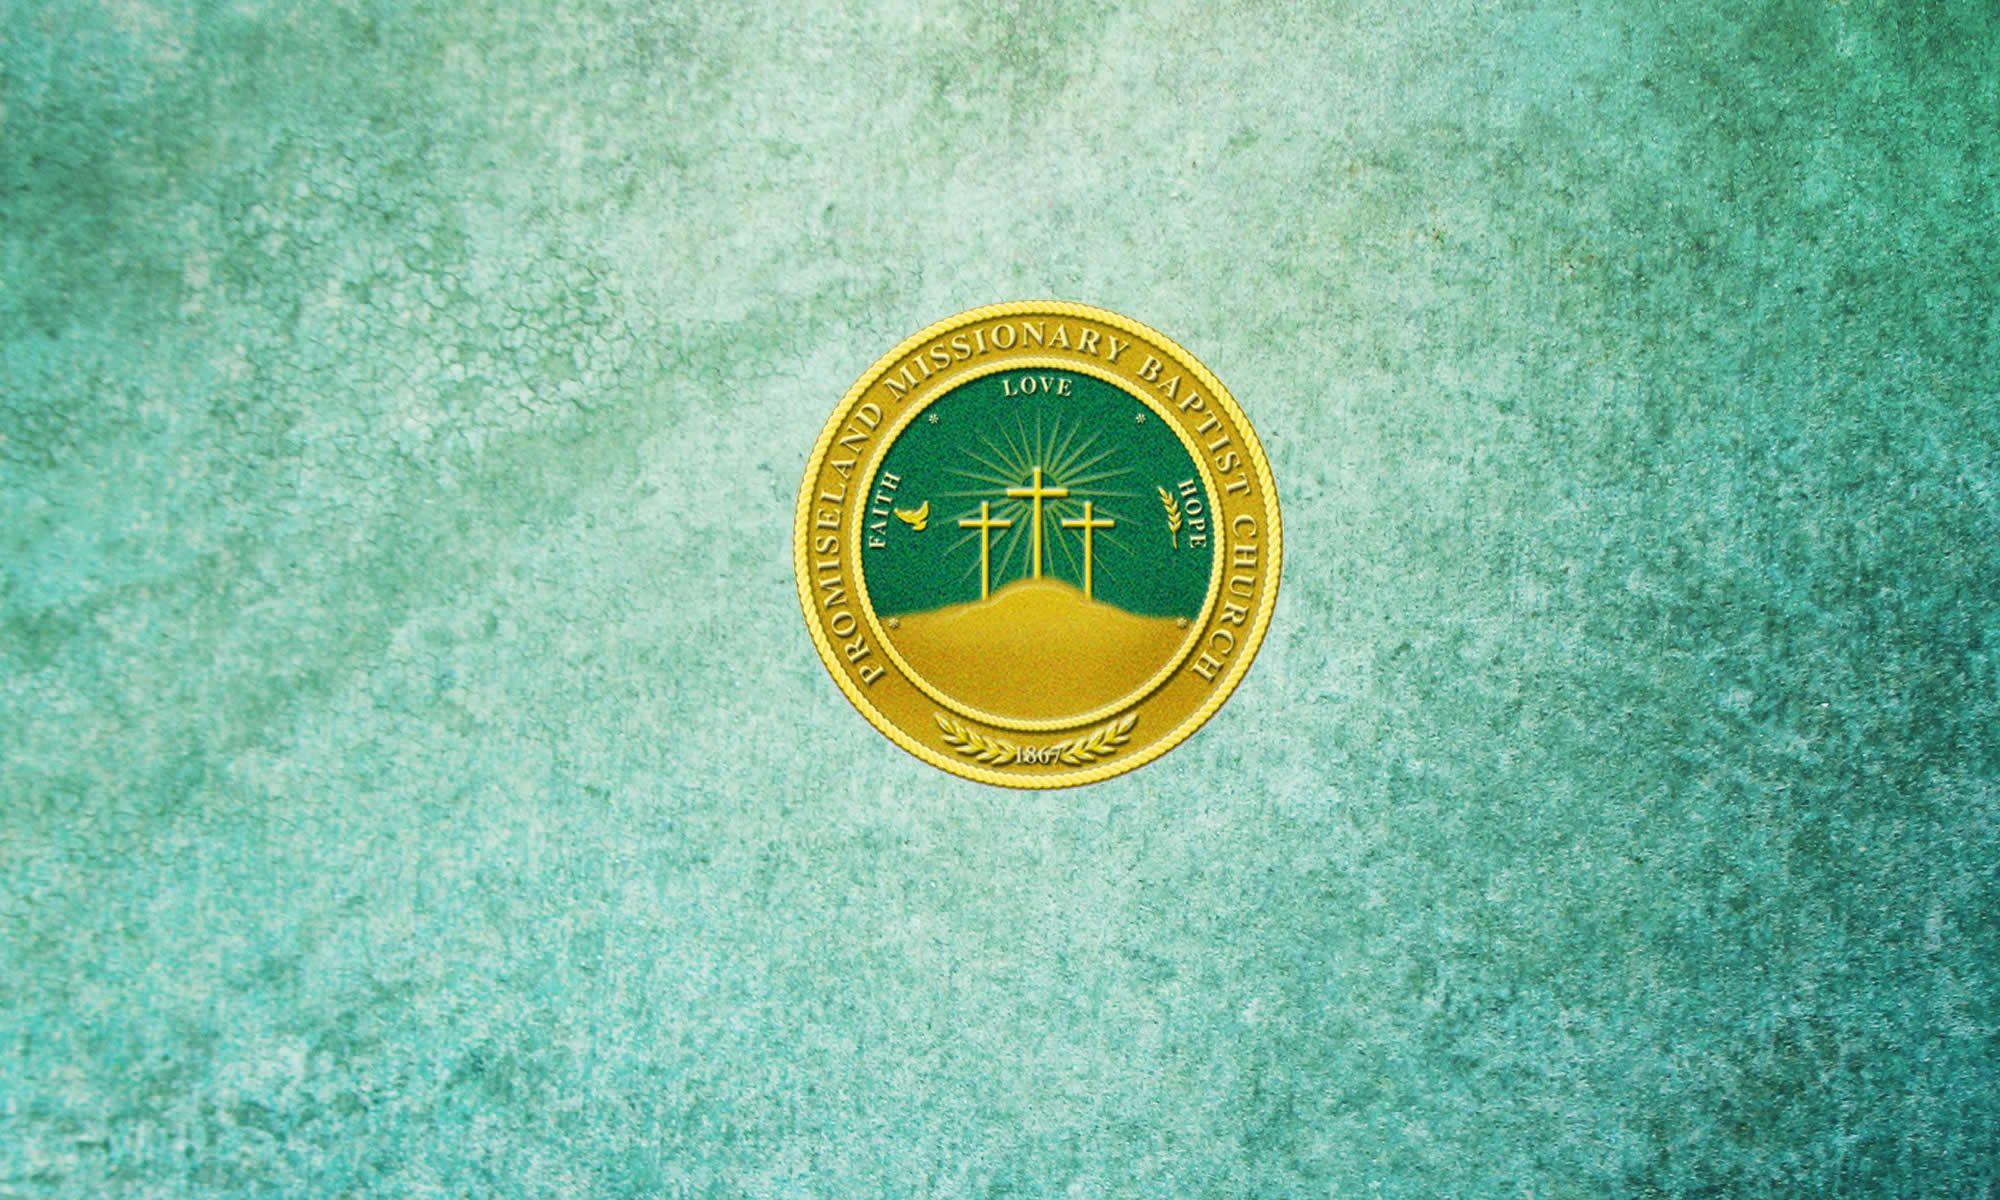 Promiseland MBC